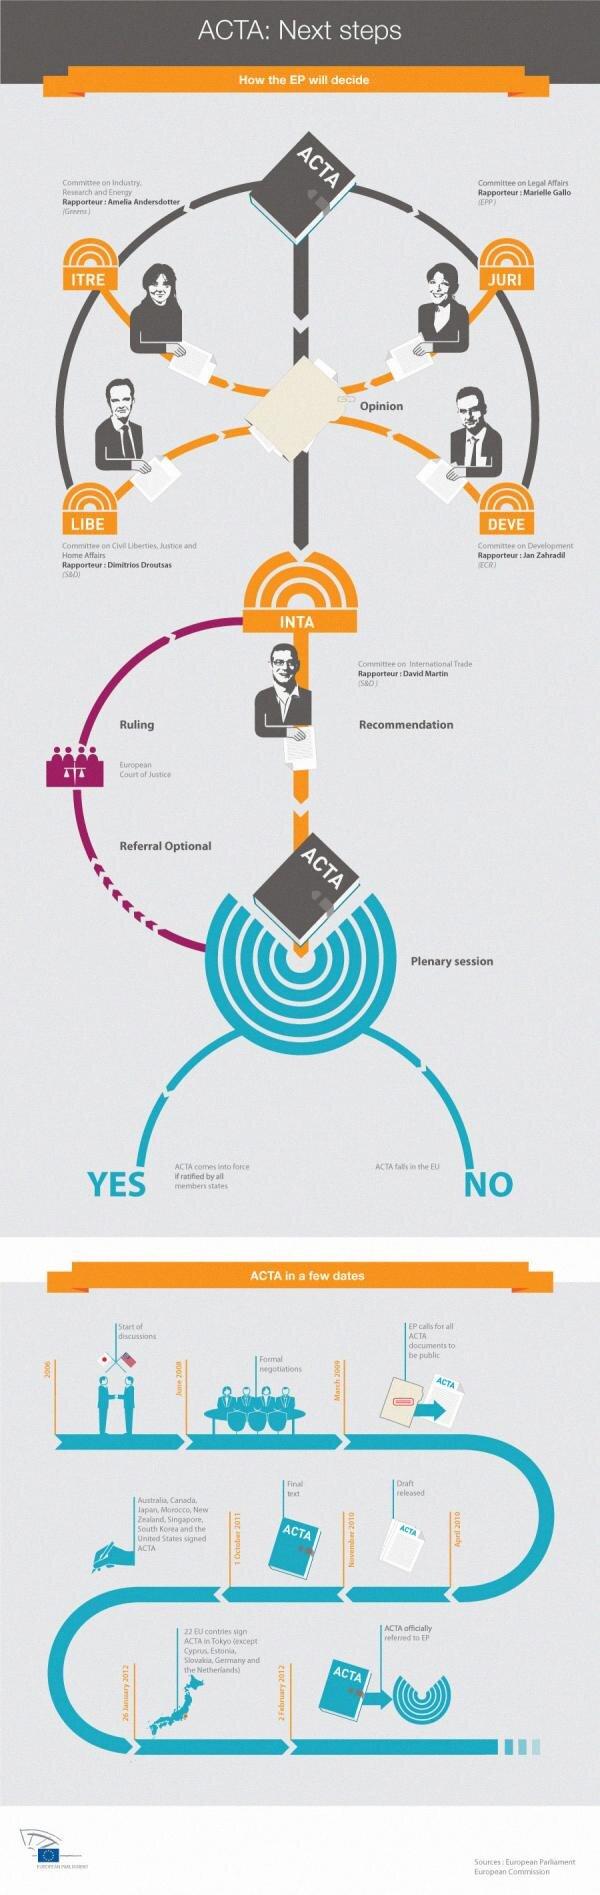 ACTA procédure